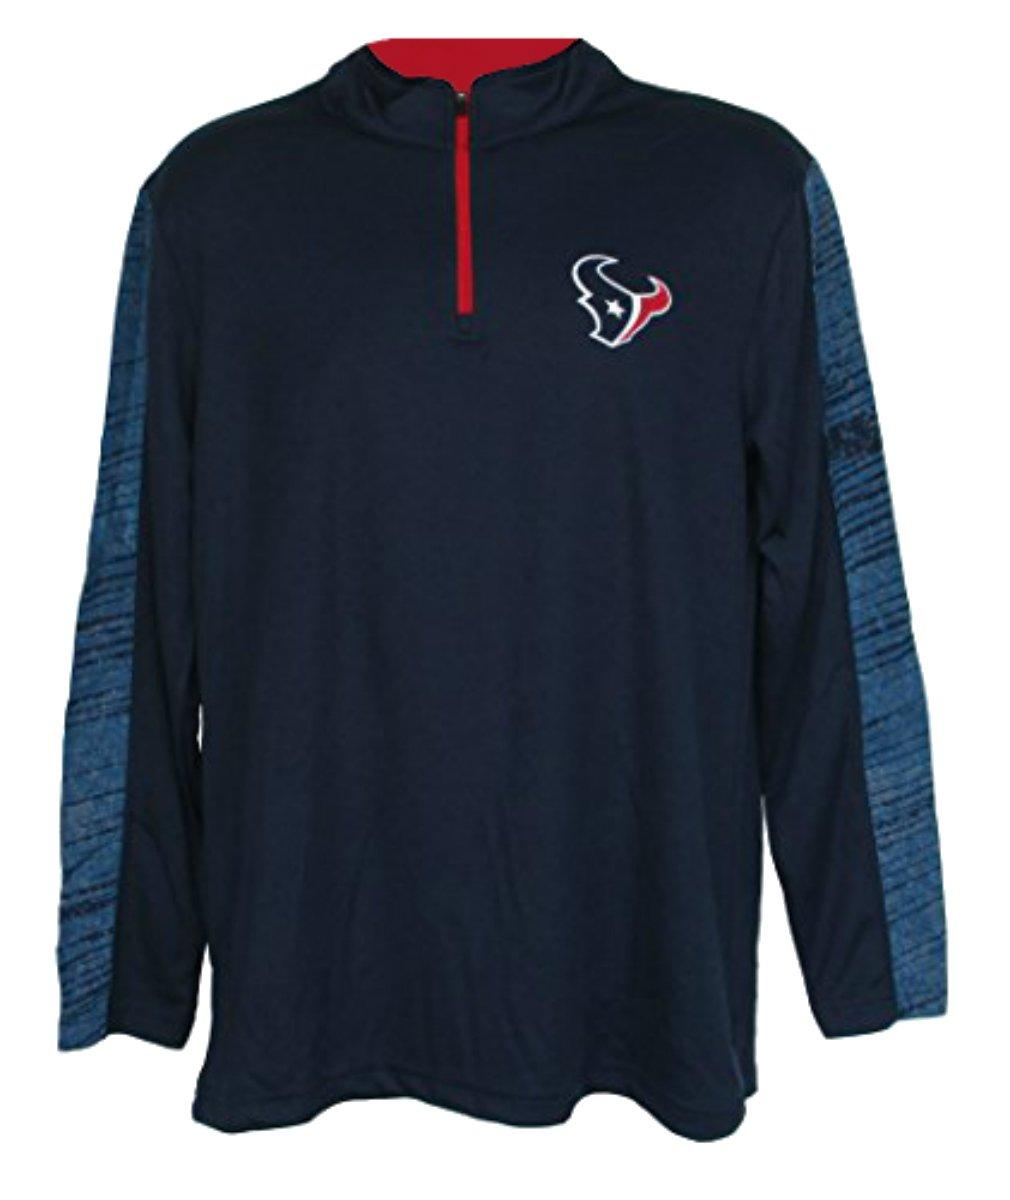 Houston Texans大人用XL XL 1 / 4 Zipプルオーバーシャツ – ネイビーブルー   B074FB1CK4